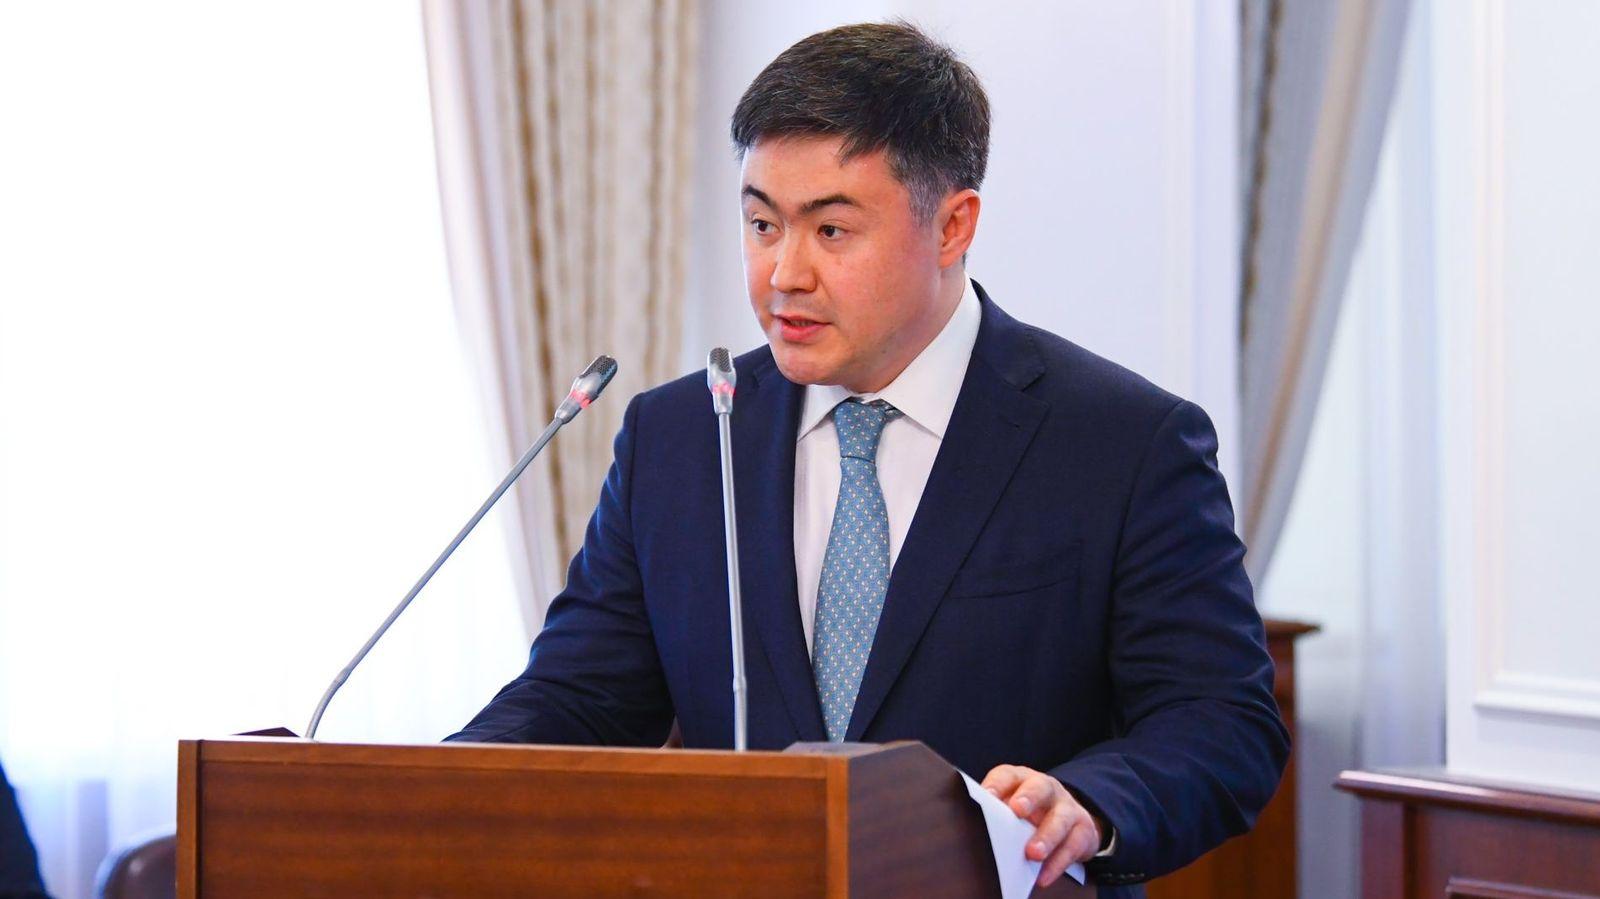 Правительство и Нацбанк изучают влияние антироссийских санкций на экономику Казахстана